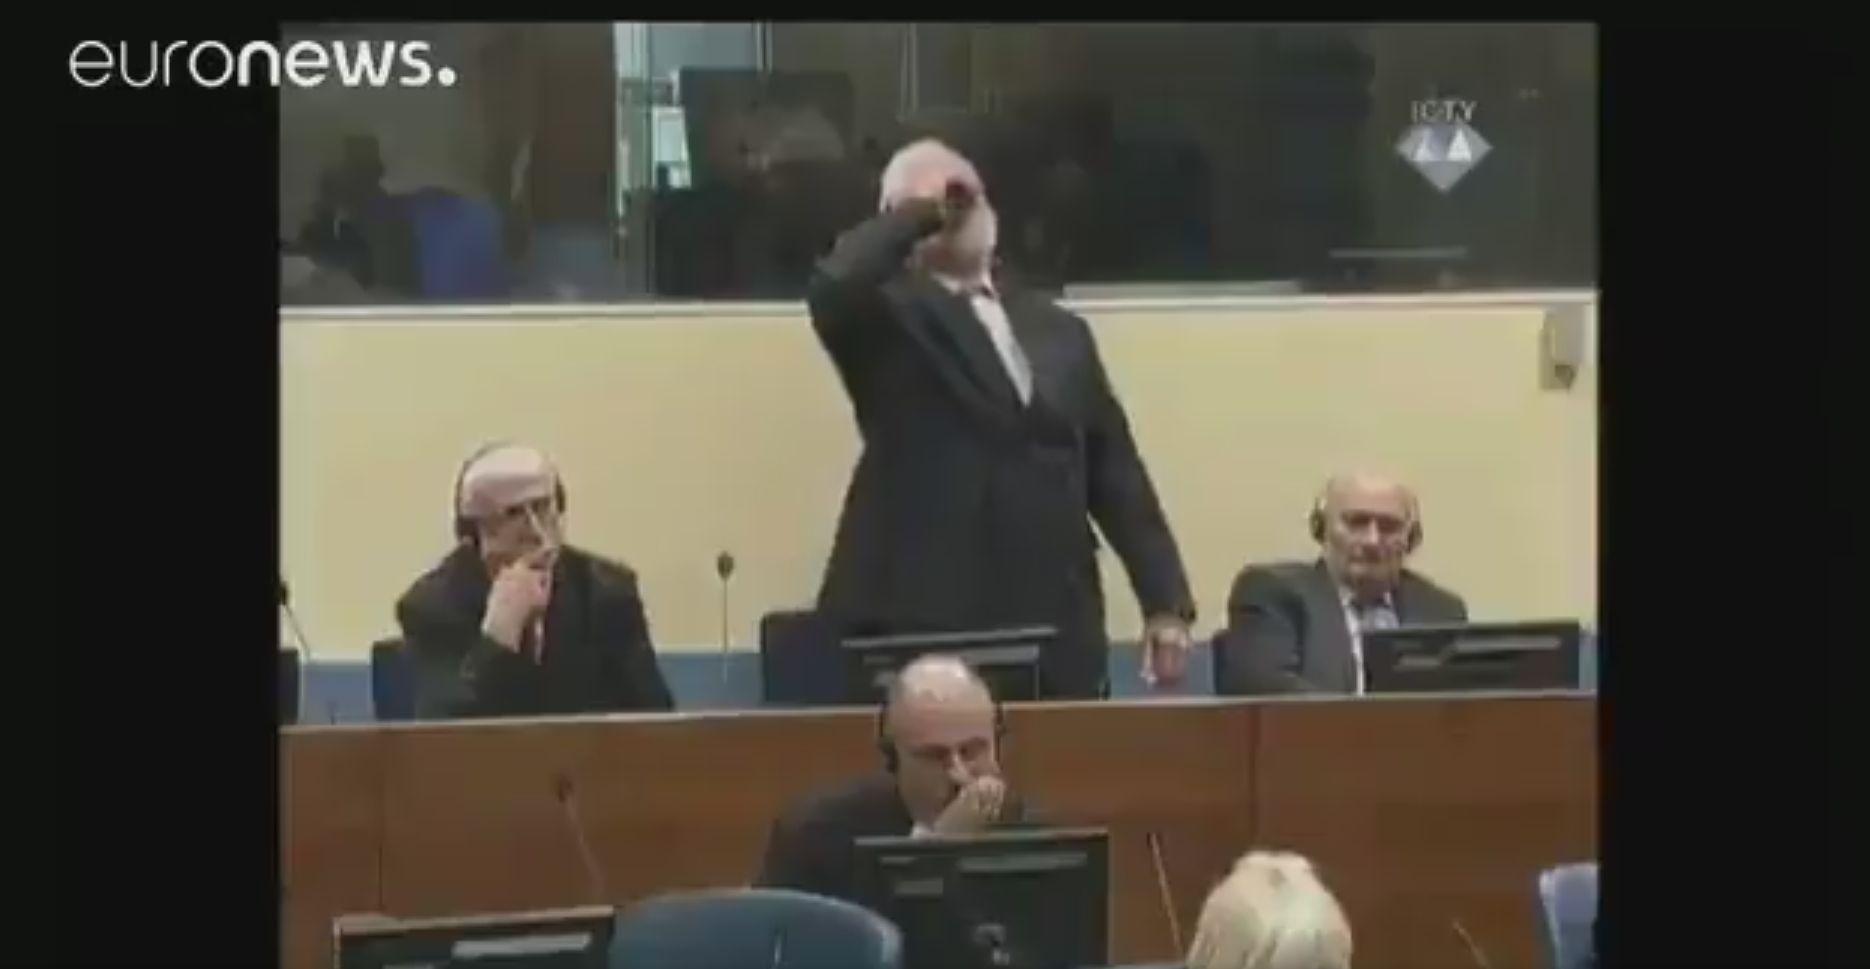 Nie żyje mężczyzna, który wypił truciznę na sali sądowej ONZ-owskiego trybunału